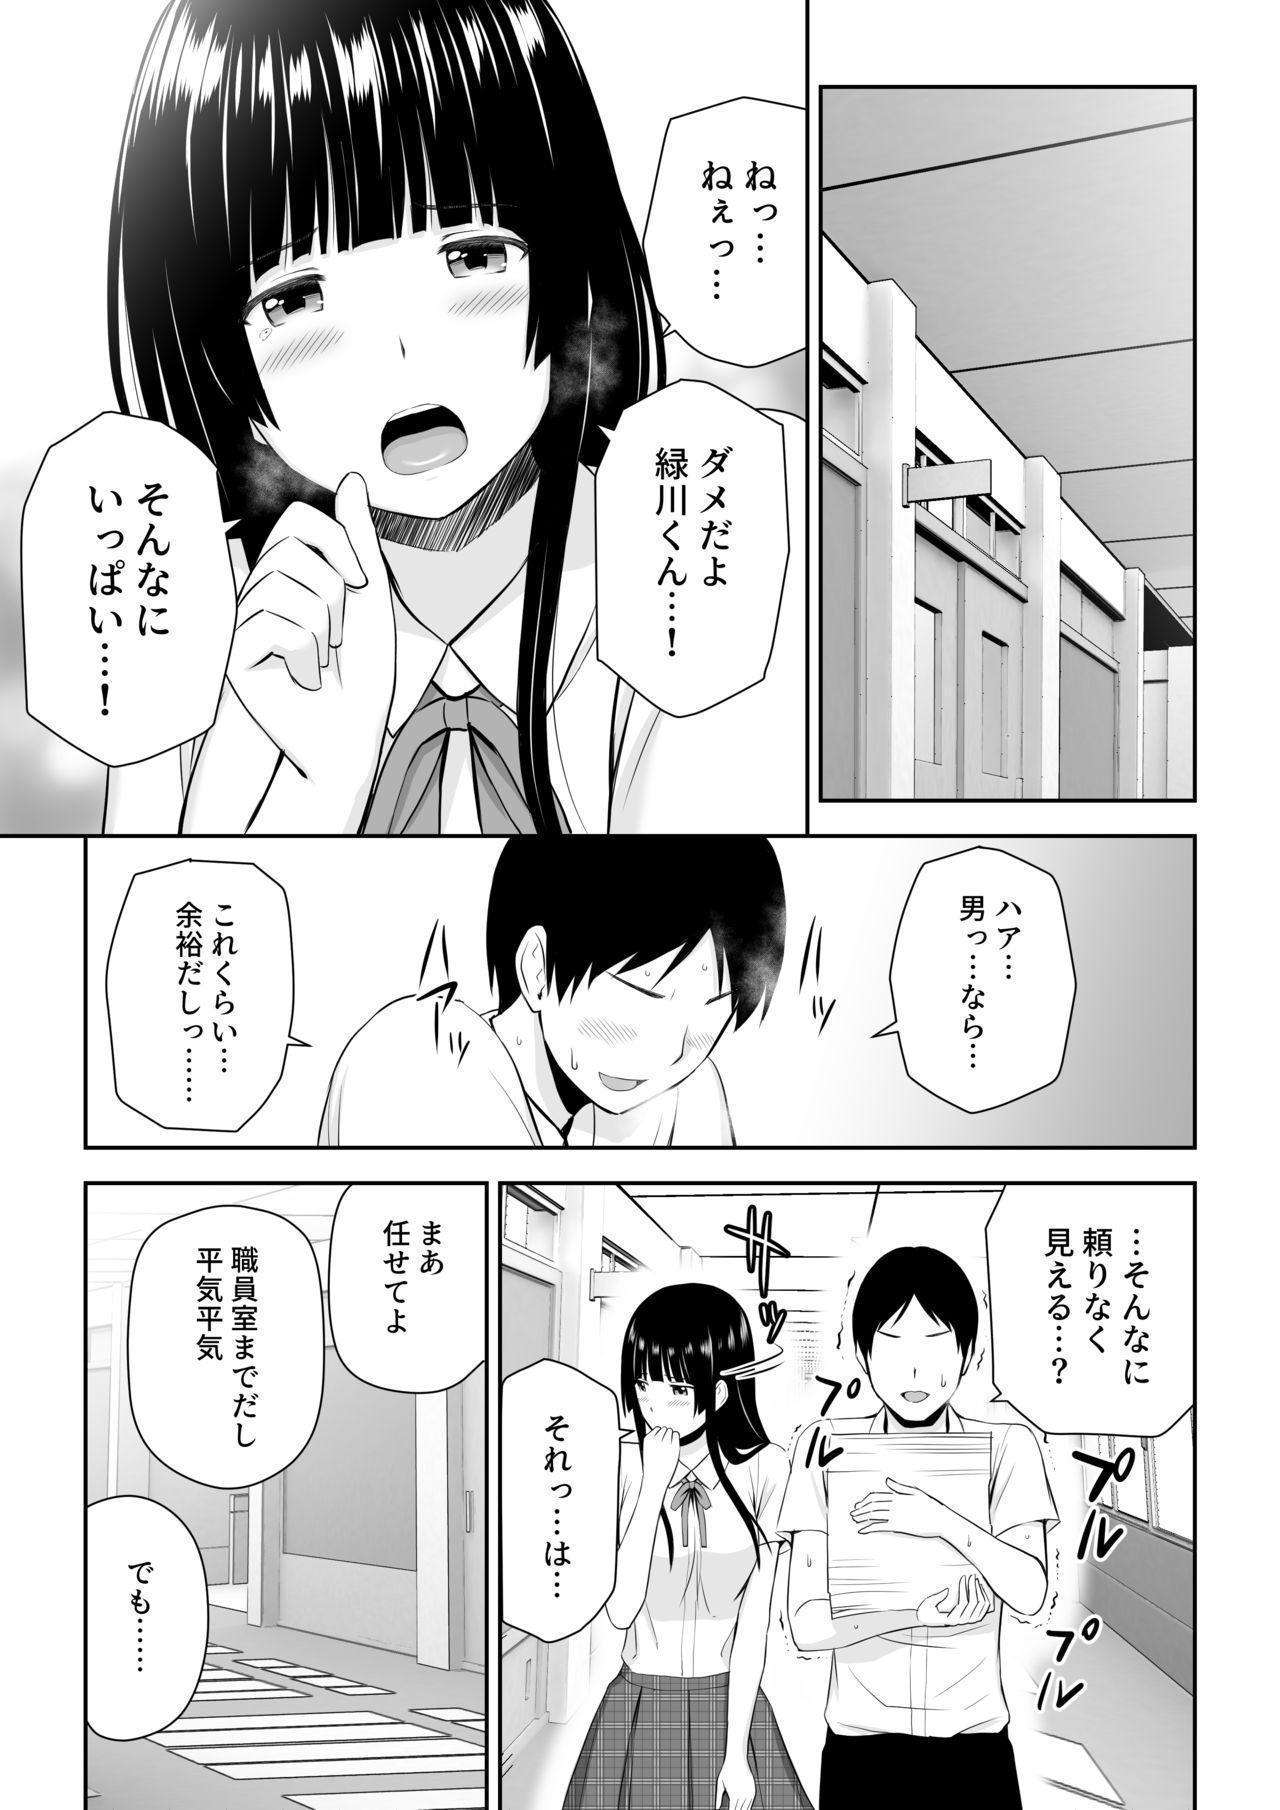 Suzushiro-san wa Onegai ni Yowai 11